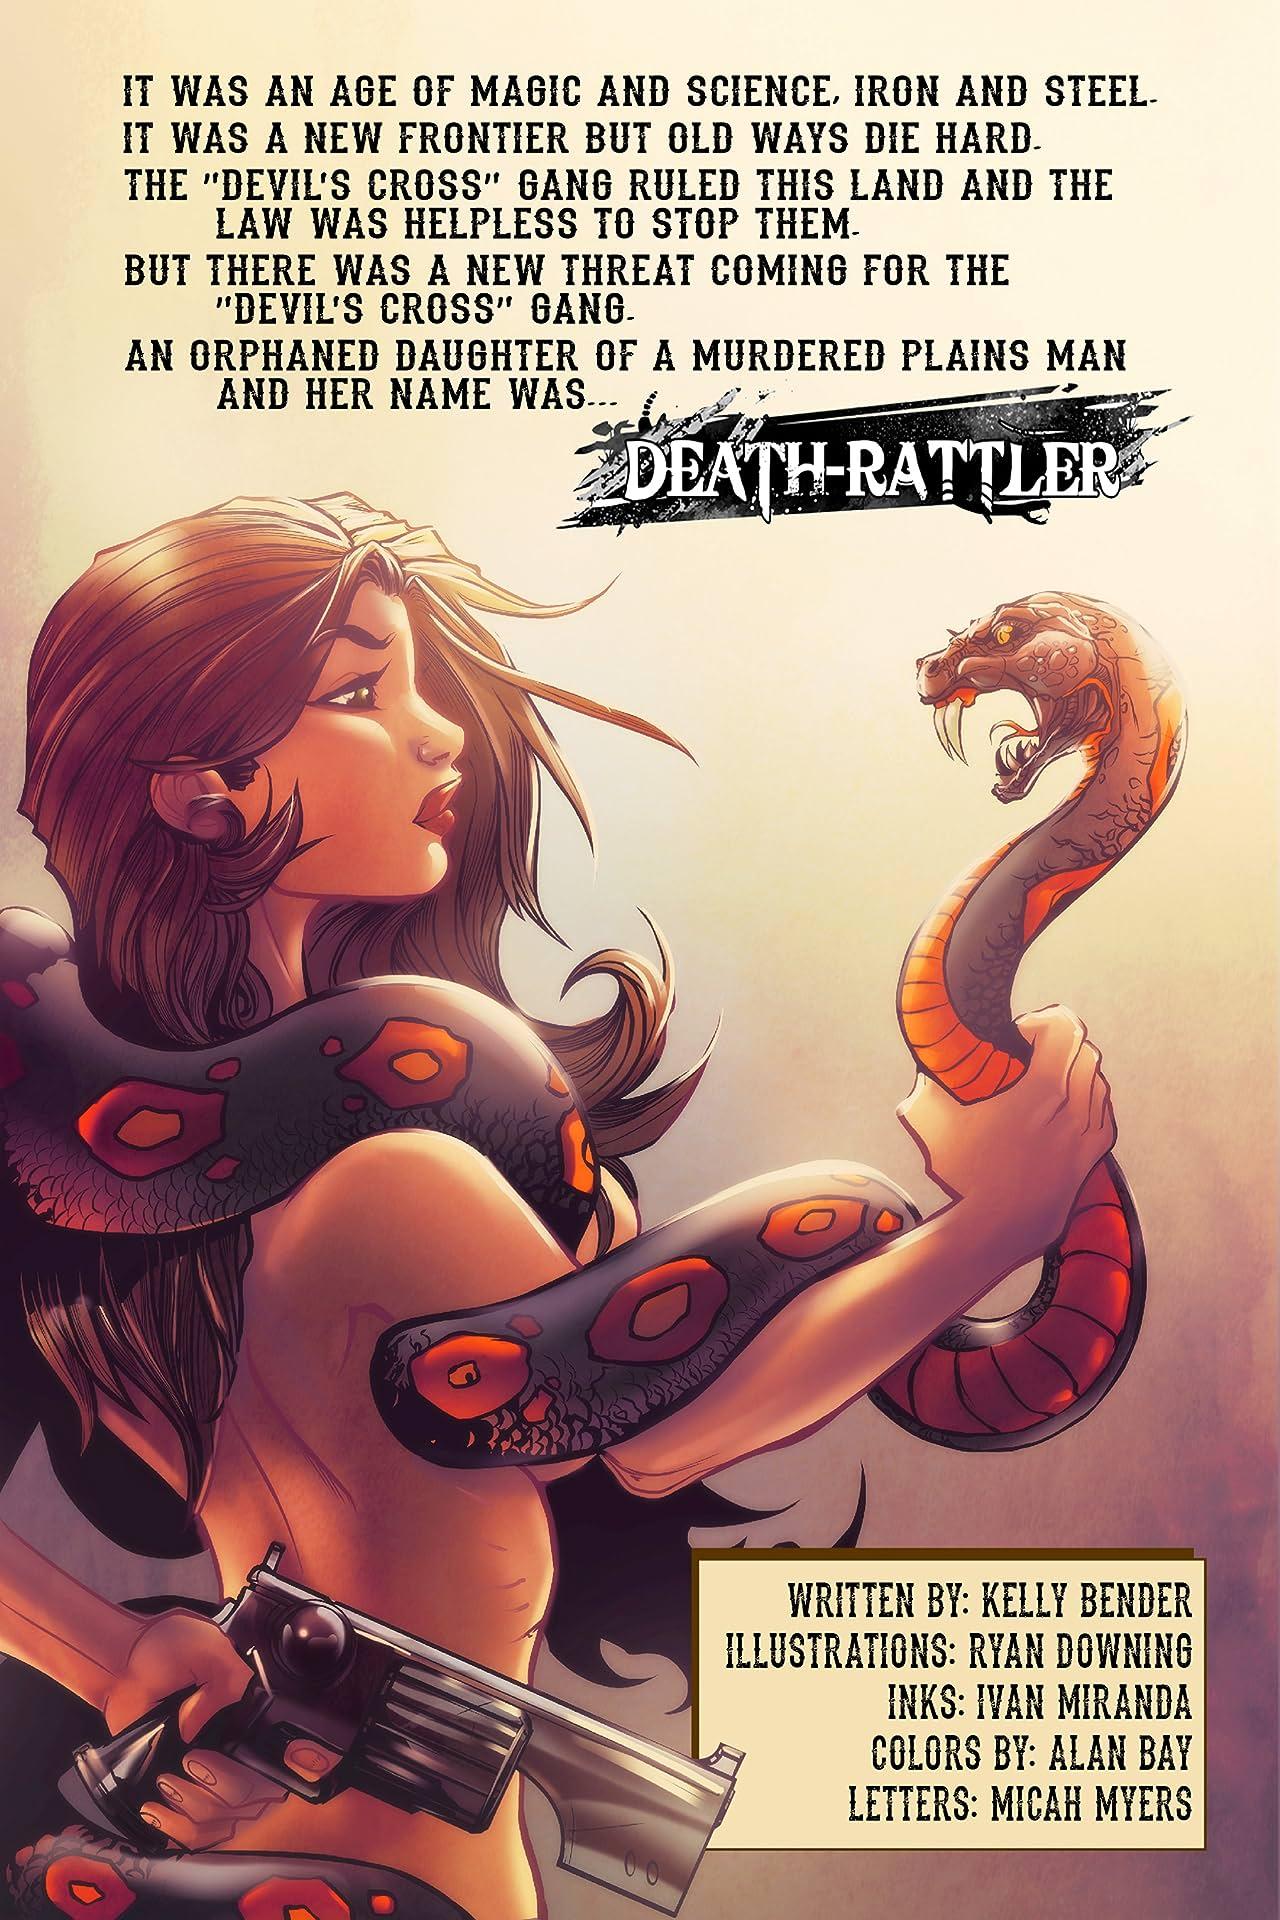 Death-Rattler #1